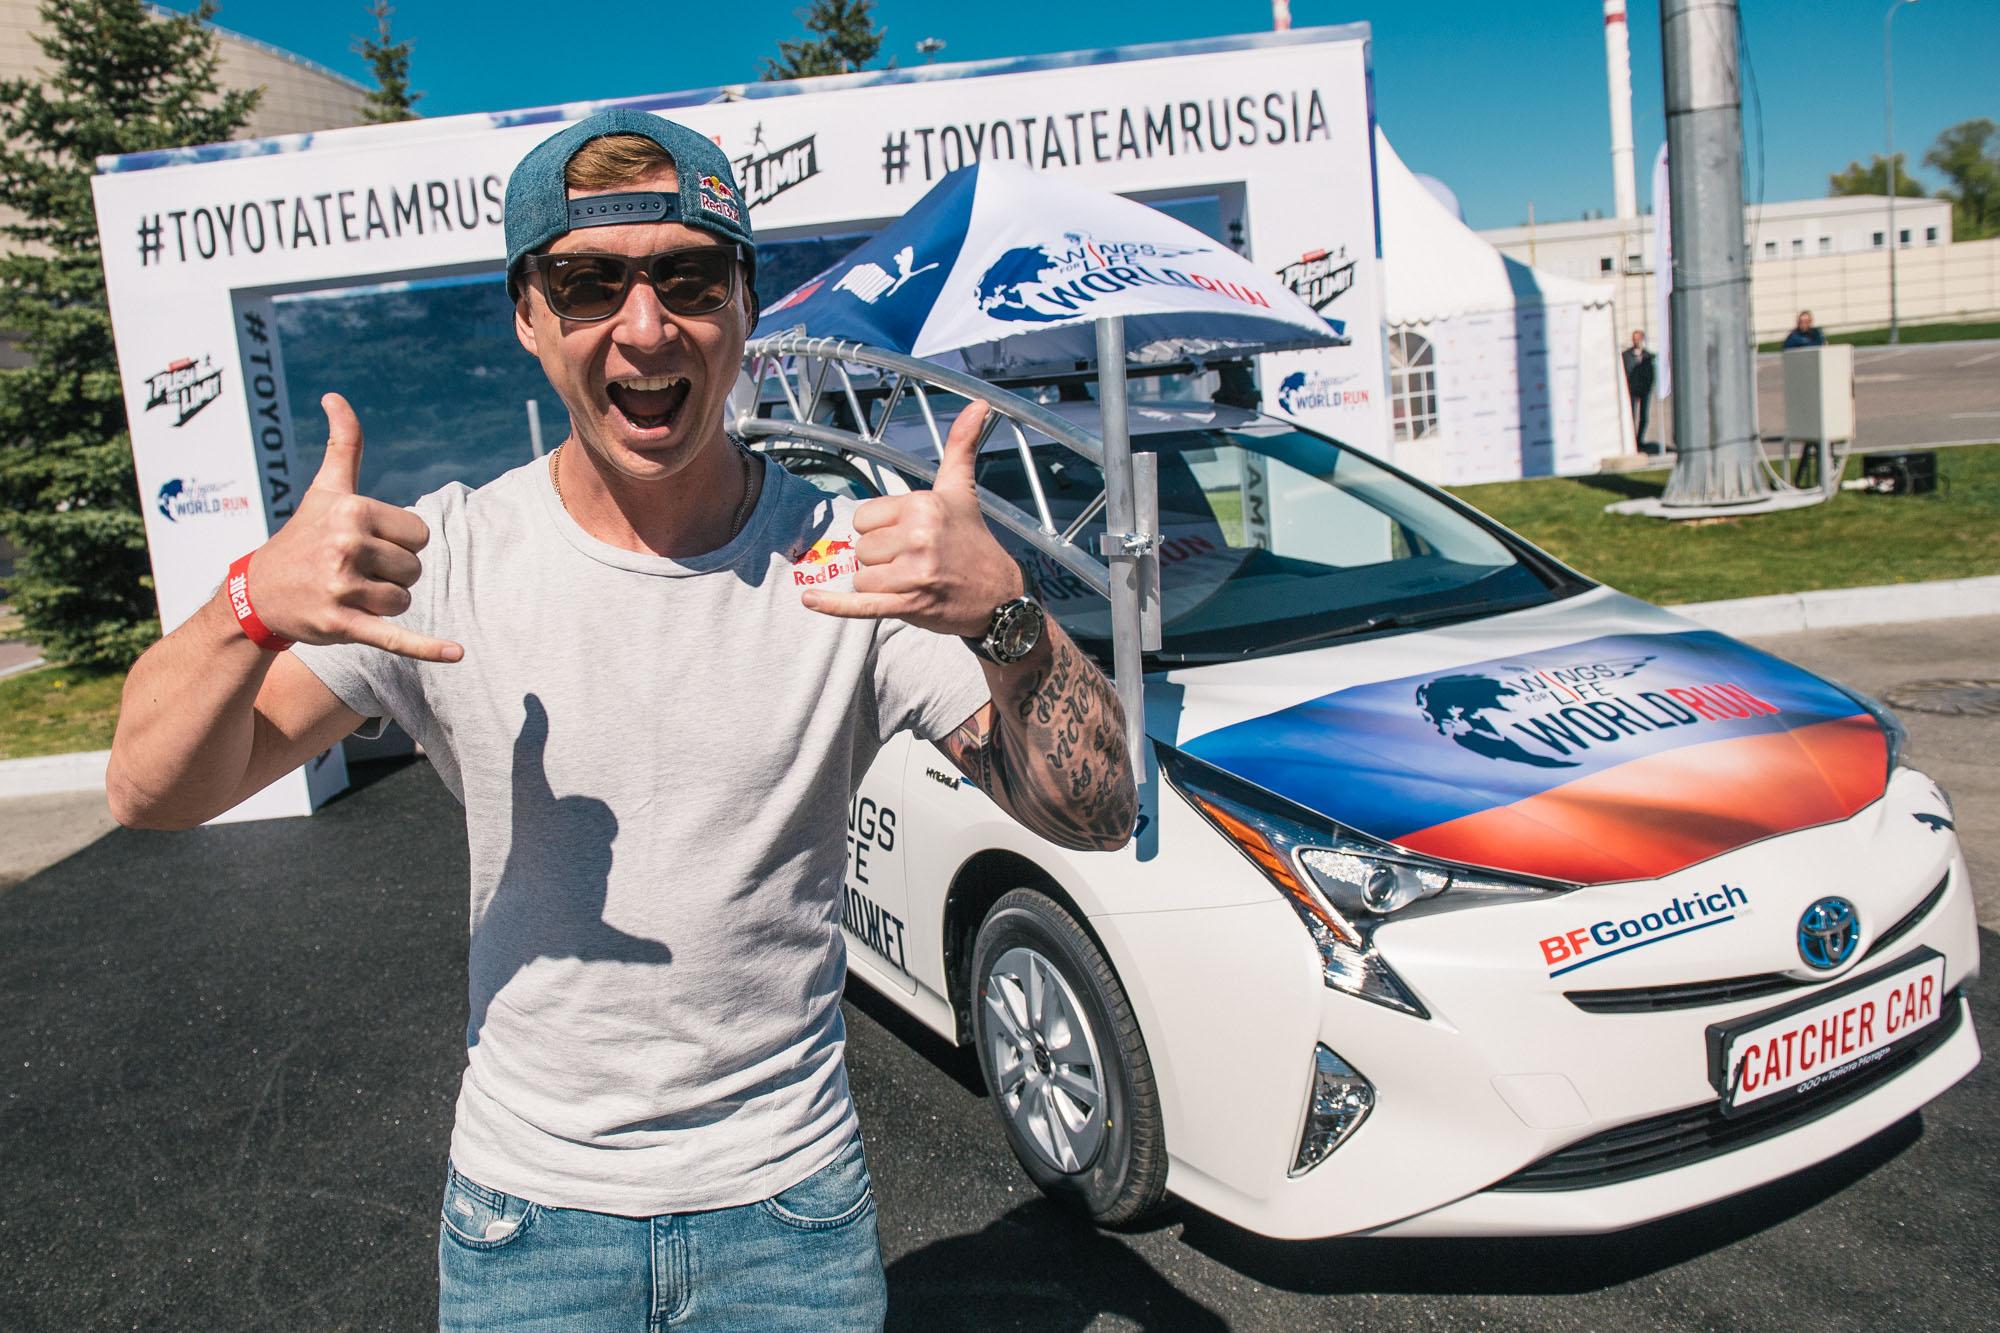 Алексей Колесников (FMX), водитель кетчер-кара